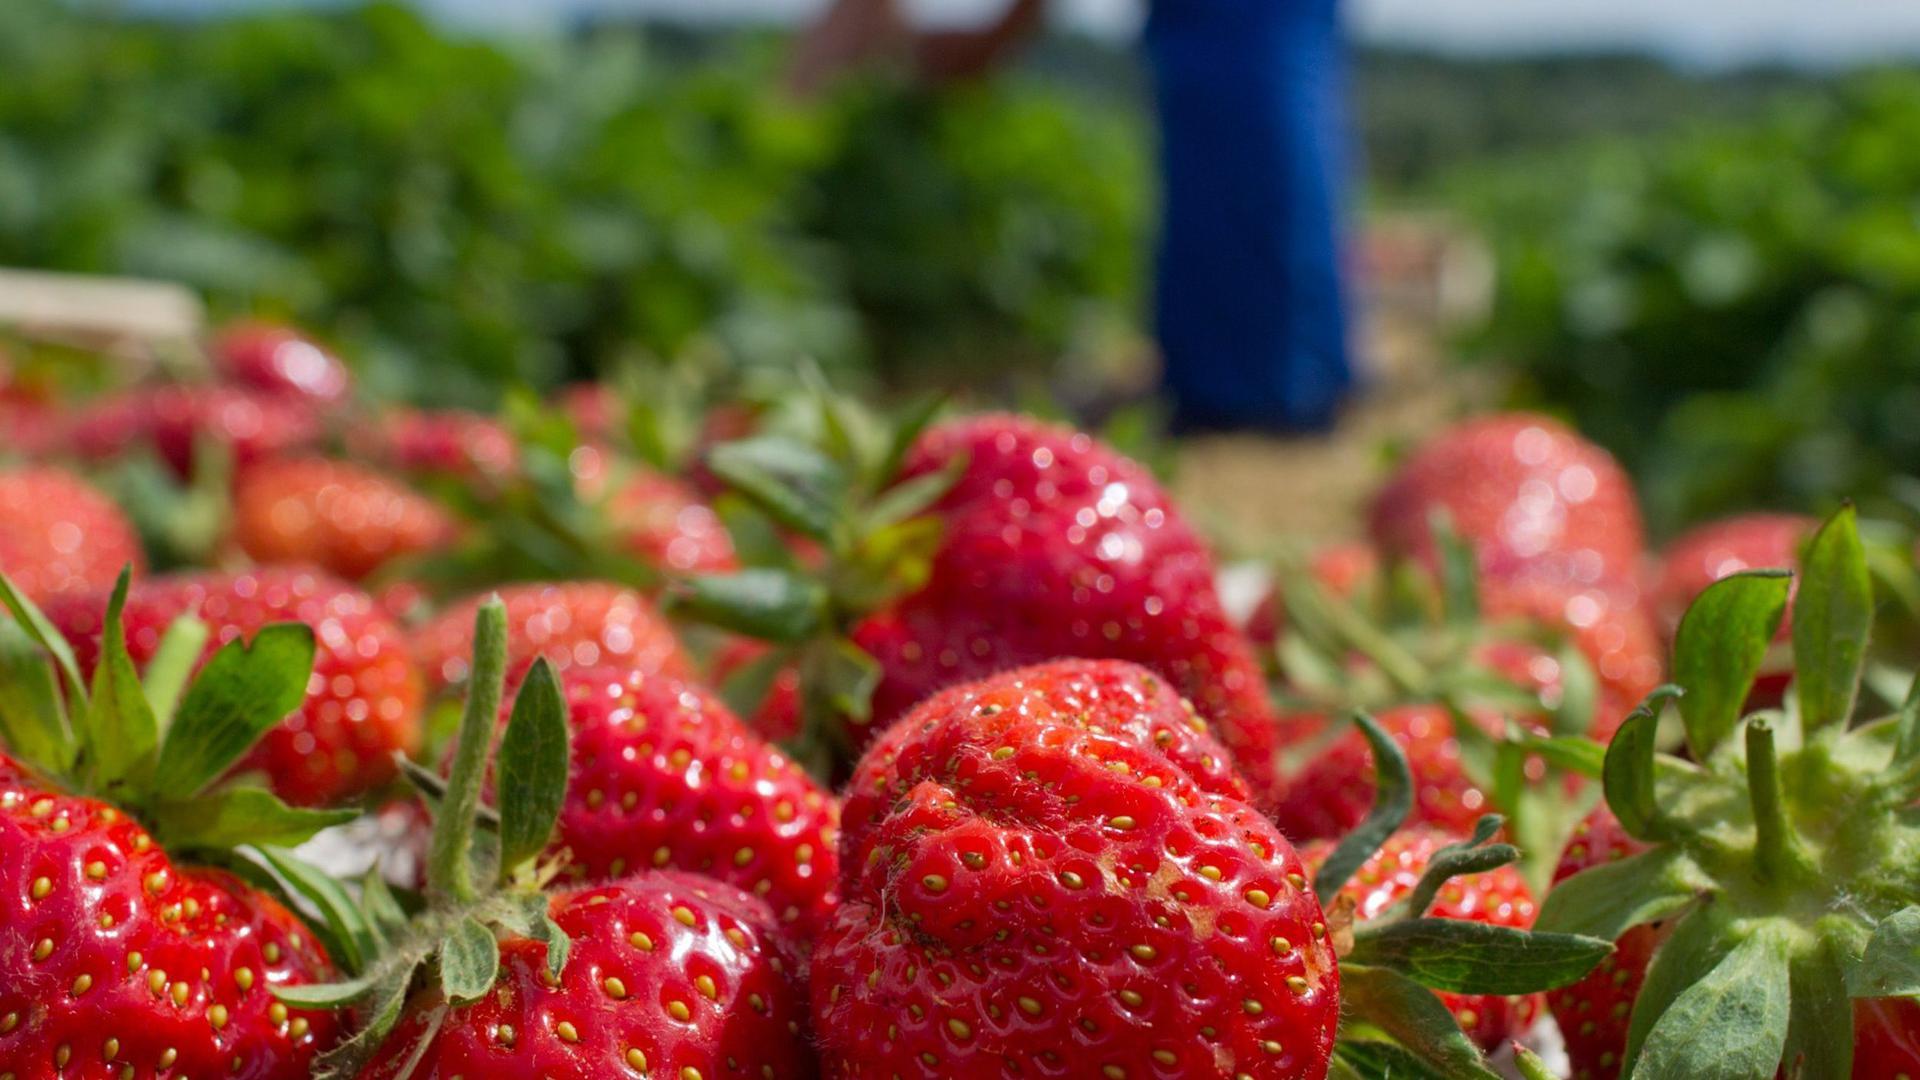 Bedenkenloser Genuss: Nach Auskunft des Rathauses weisen Erdbeeren keine gesundheitsgefährdende PFC-Belastung auf.